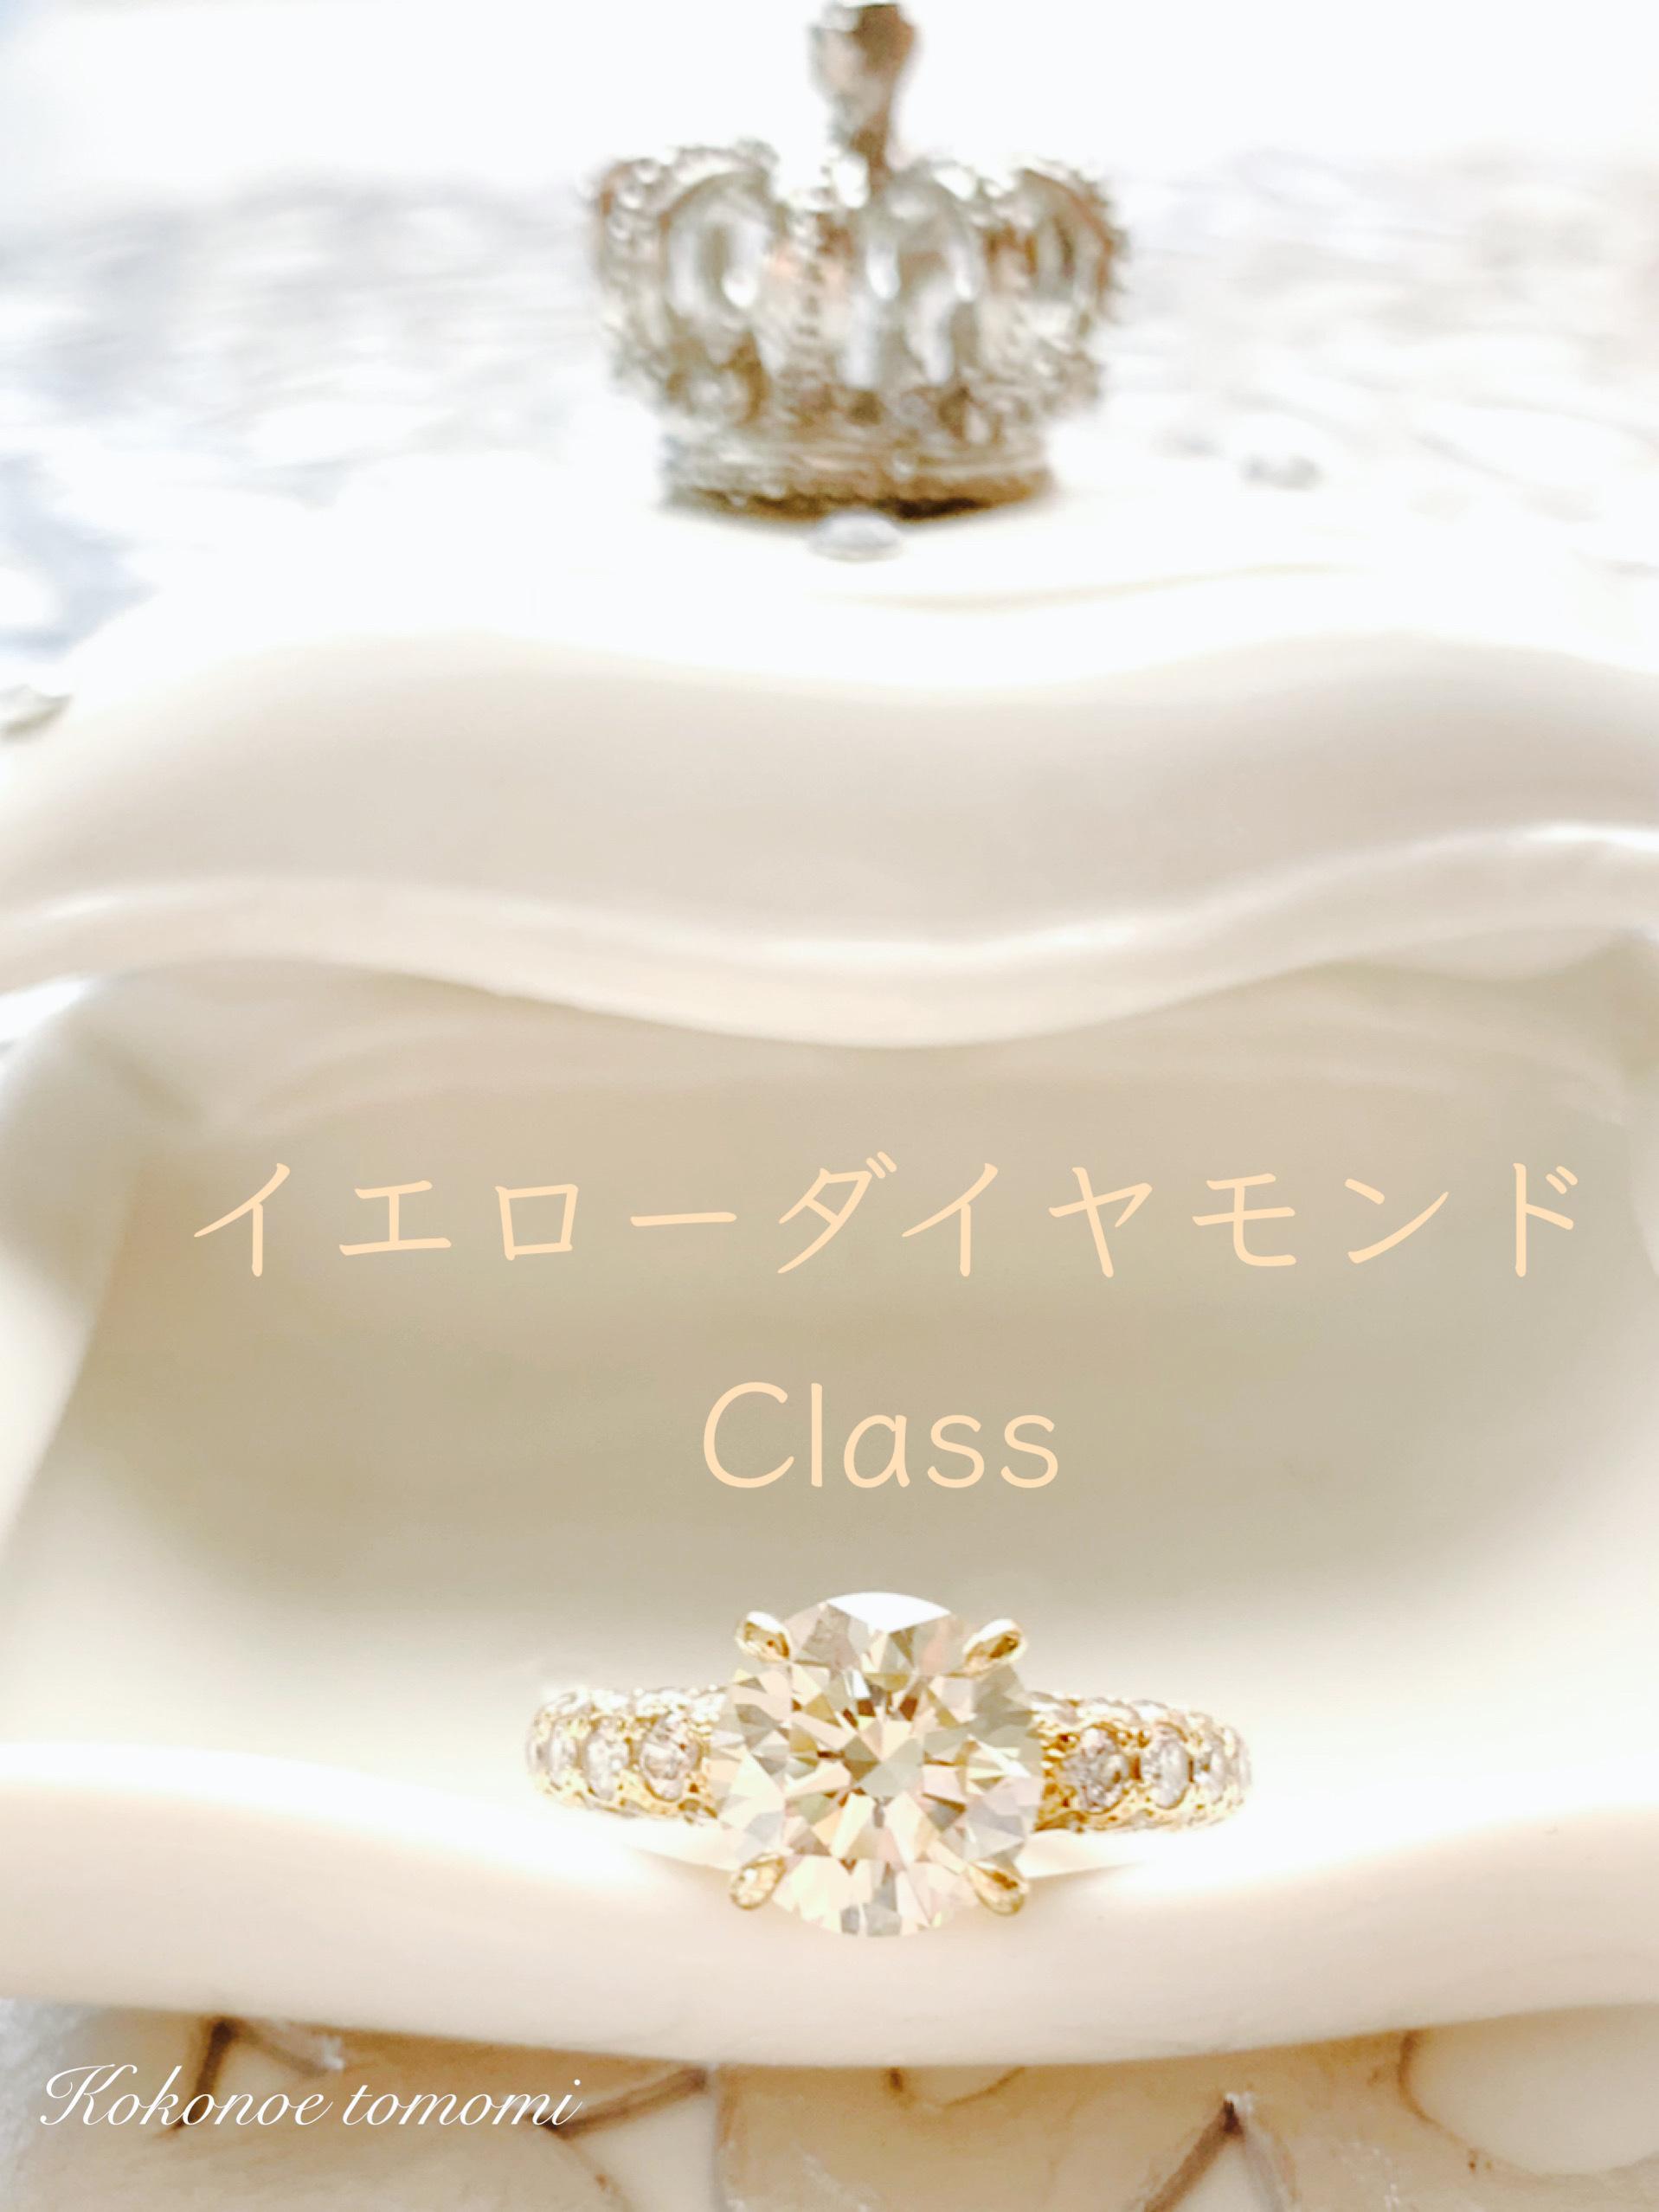 イエローダイヤモンドクラス♦️特別定期便(kokotomo倶楽部ご継続価格)